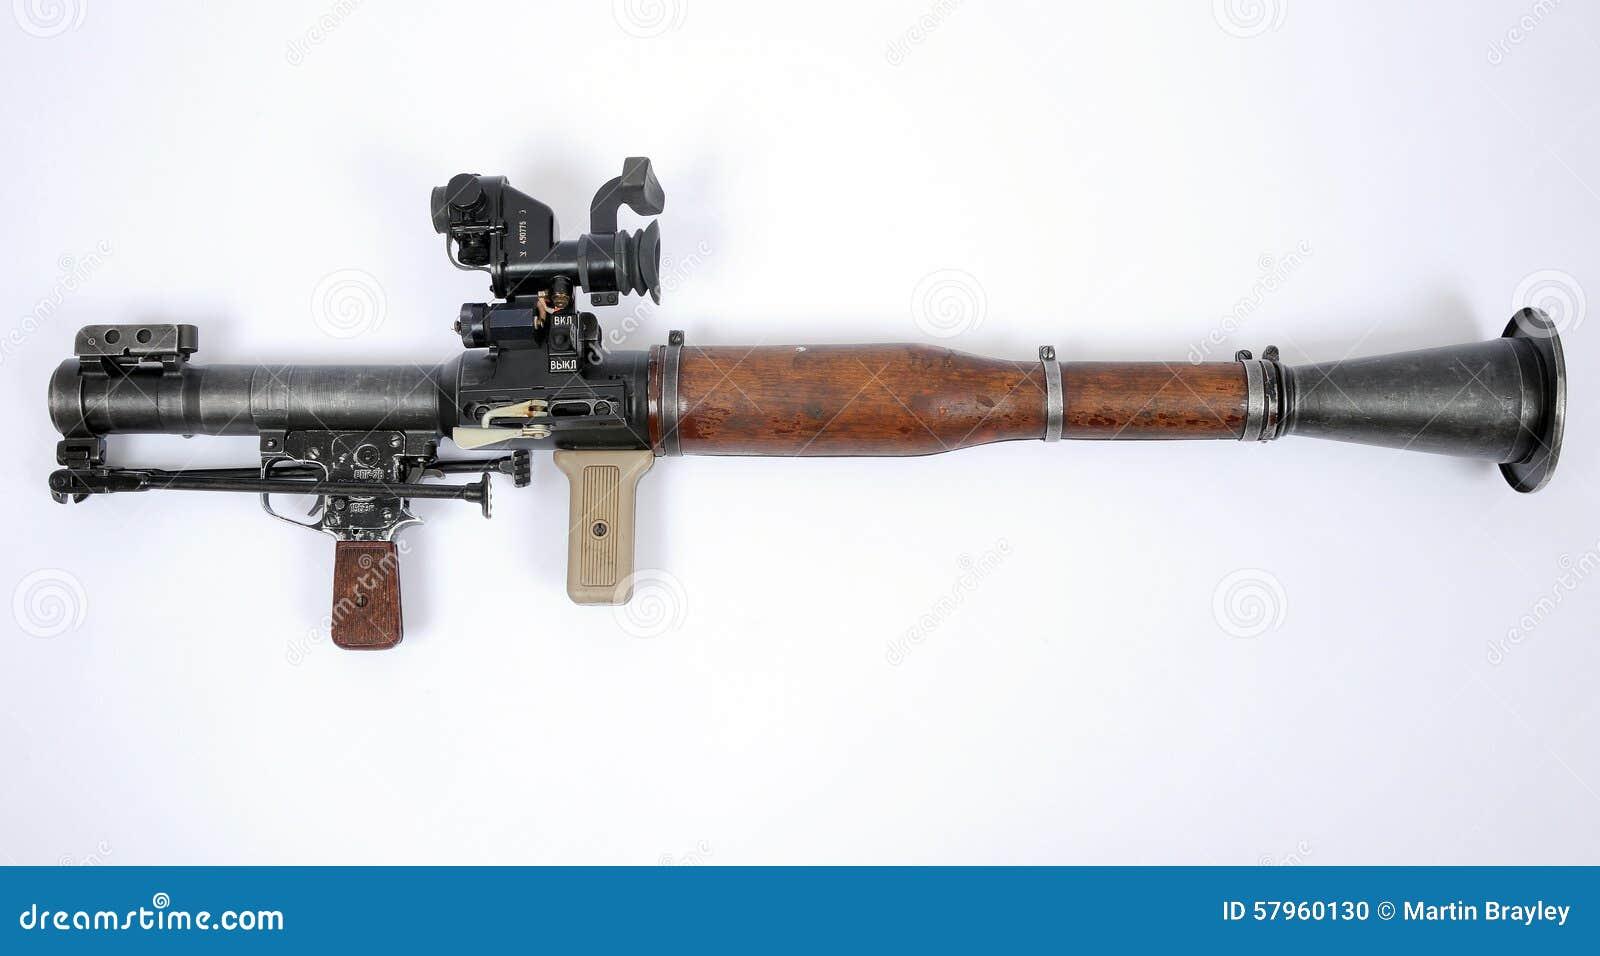 a russian rpg 7 rocket launcher editorial image image grenade vector free download grenade vector logo